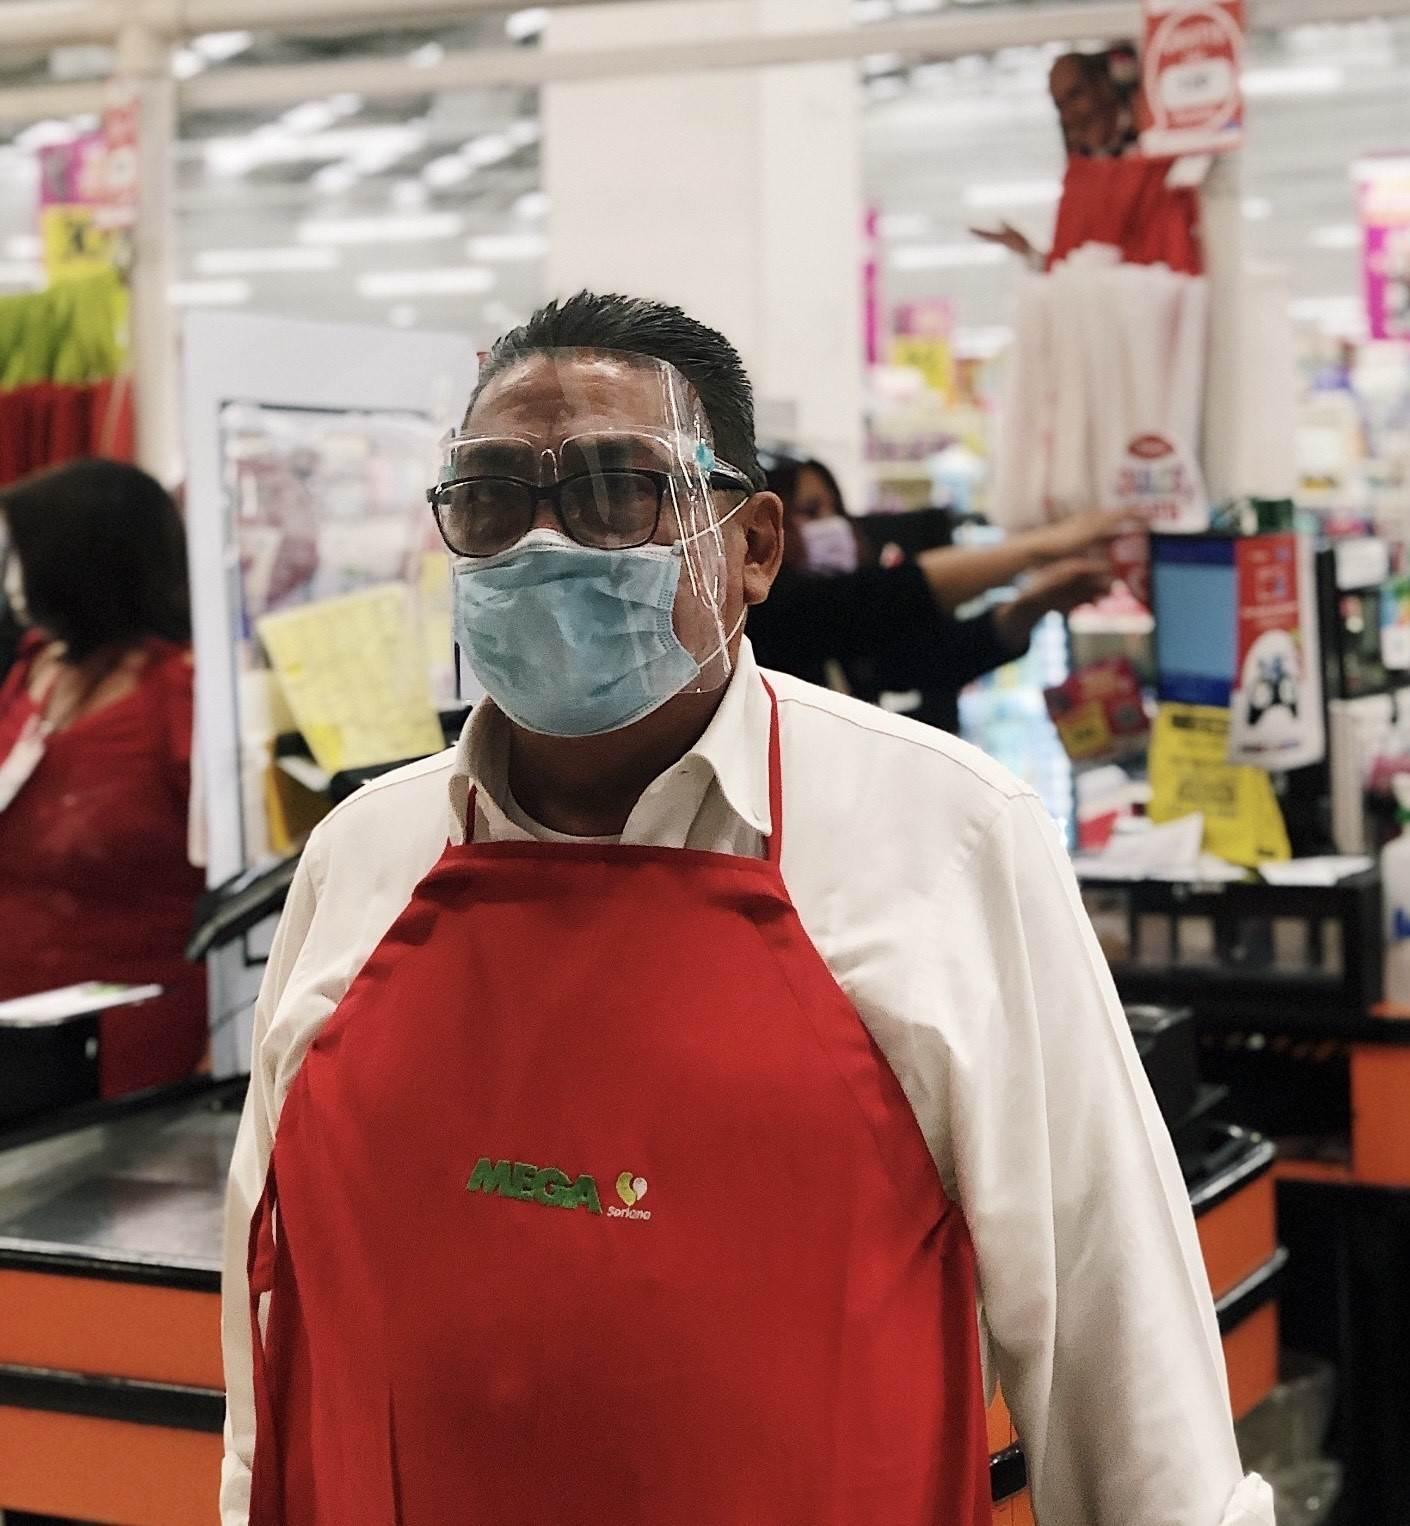 José Tomás tiene 68 años y trabaja como empacador en un supermercado. Trabajó 17 años en una planta automotriz, pero no tiene pensión para su retiro. Fotografía: Lulú Farrera